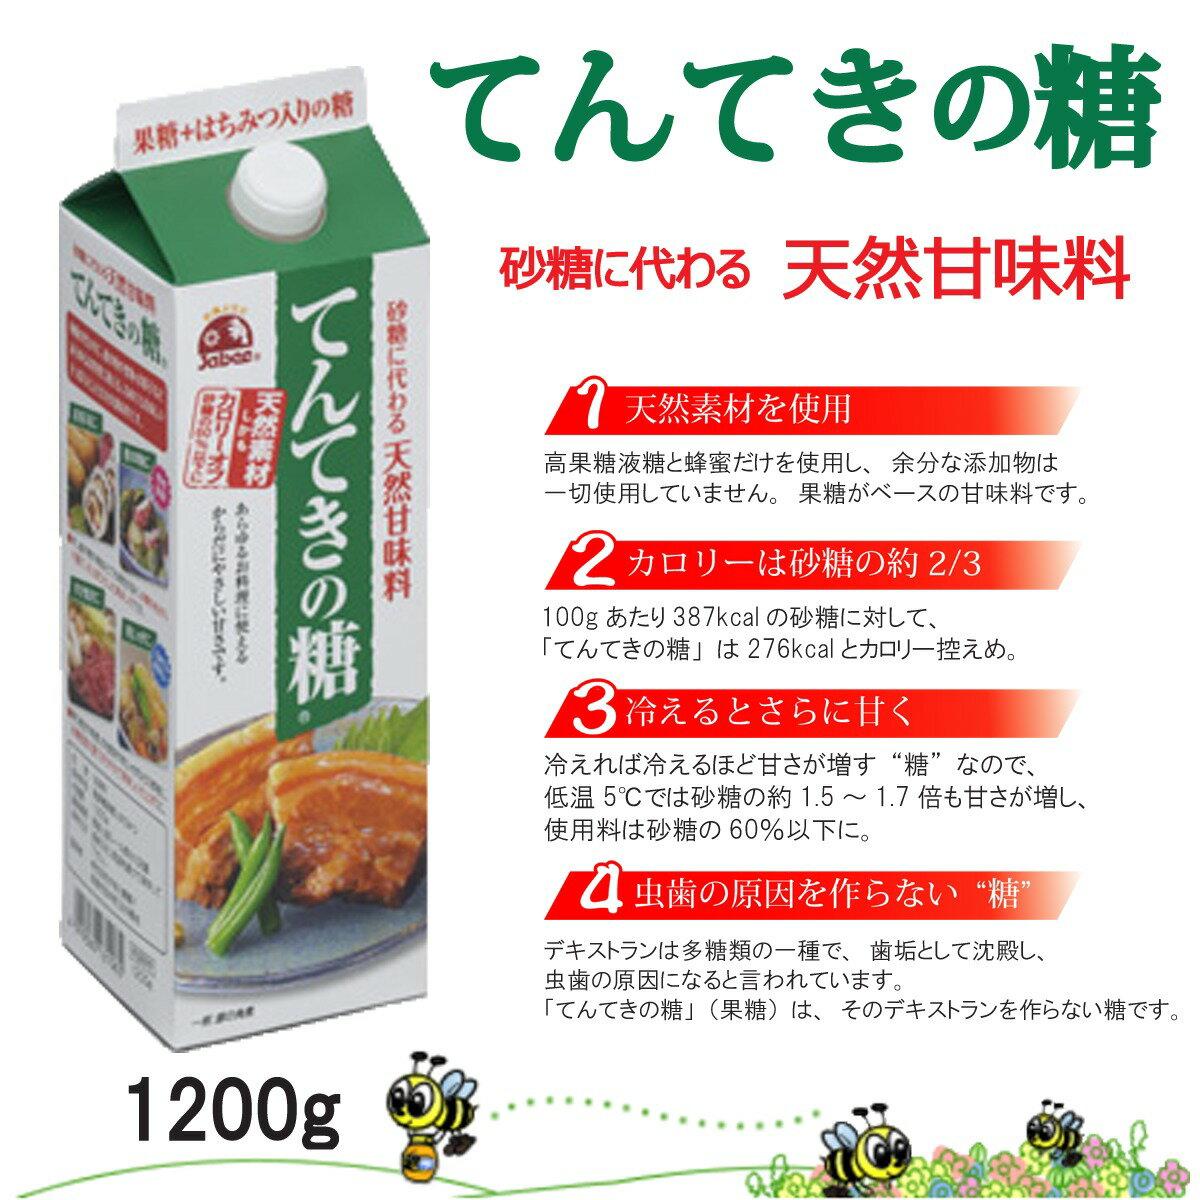 【やまと蜂蜜】てんてきの糖1200g(1200g×1本)